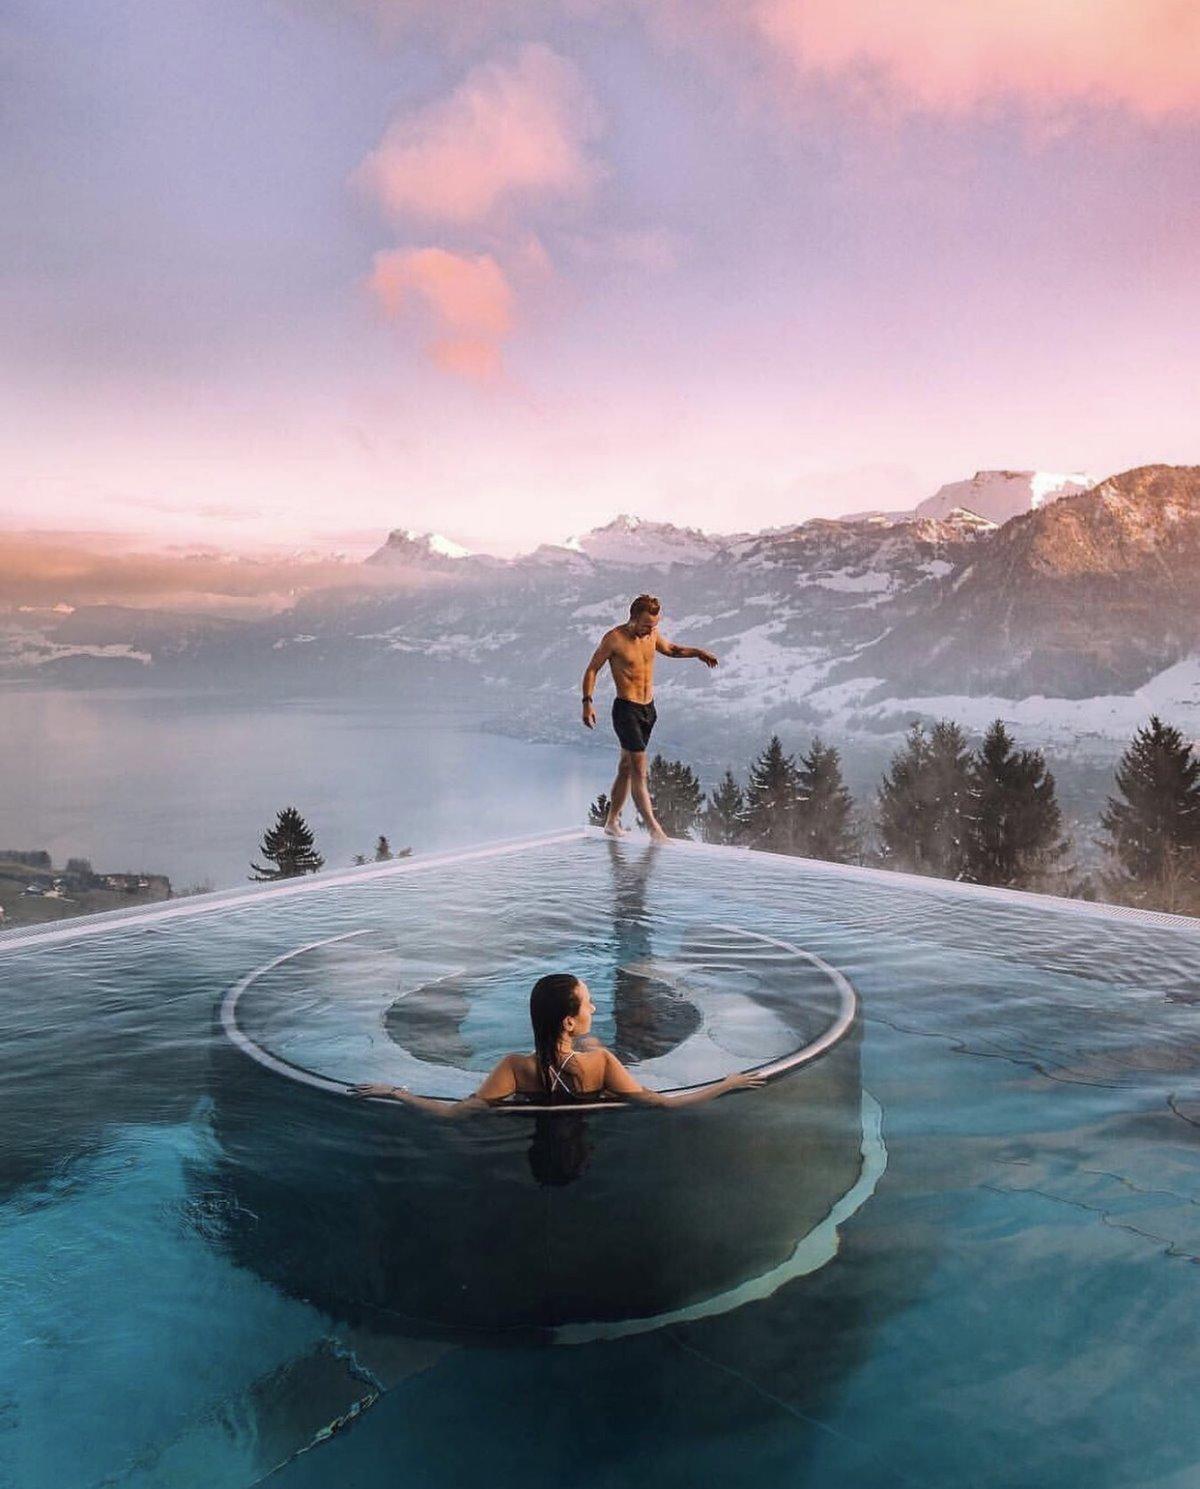 μπάνιο σε πισίνα στα χιόνια στο ξενοδοχείο Villa Honegg